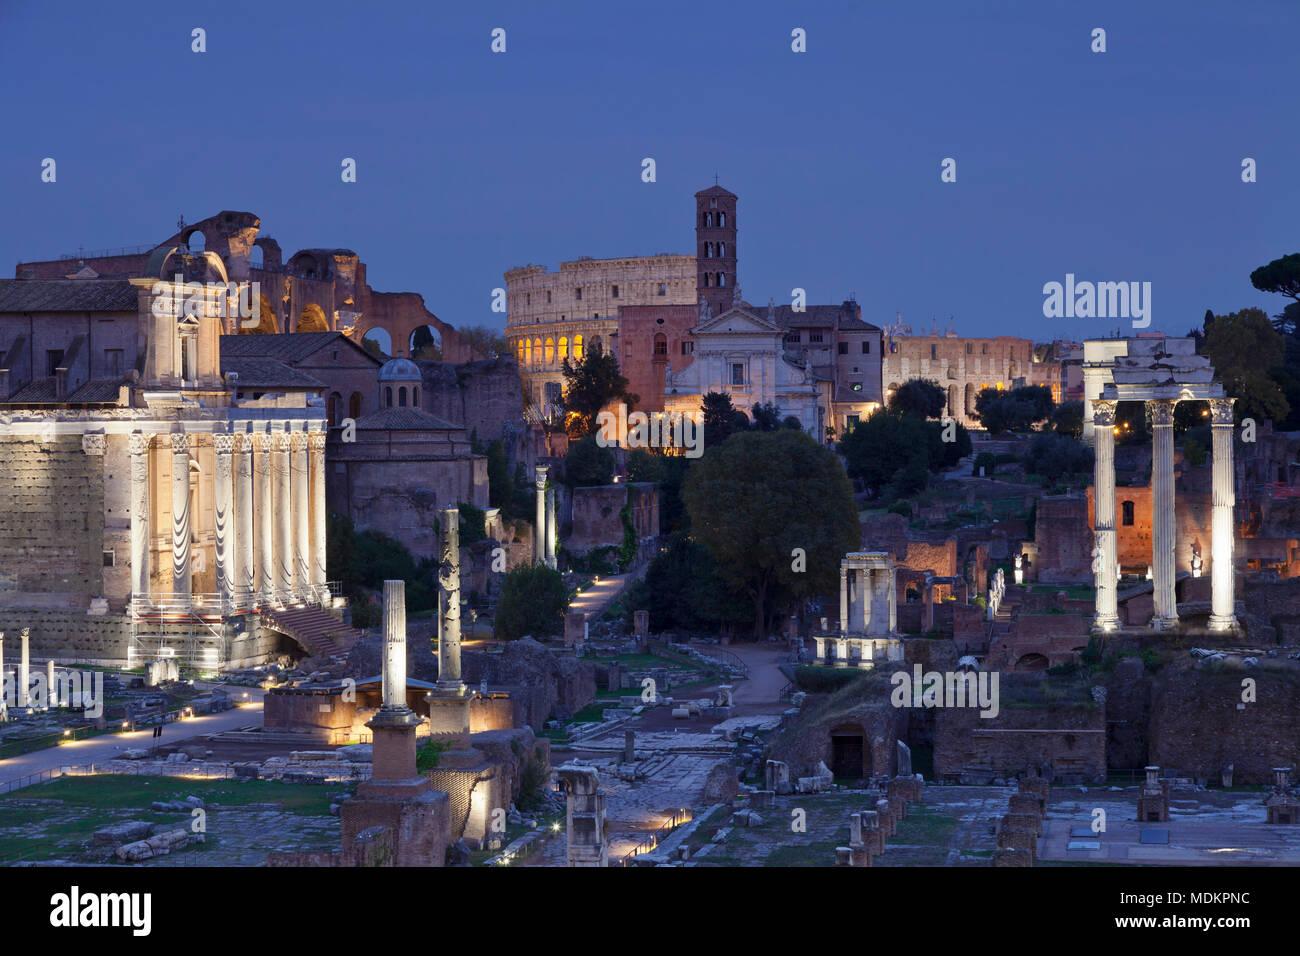 Roman Forum with Colosseum behind, Dawn, Foro Romano, Rome, Lazio, Italy - Stock Image